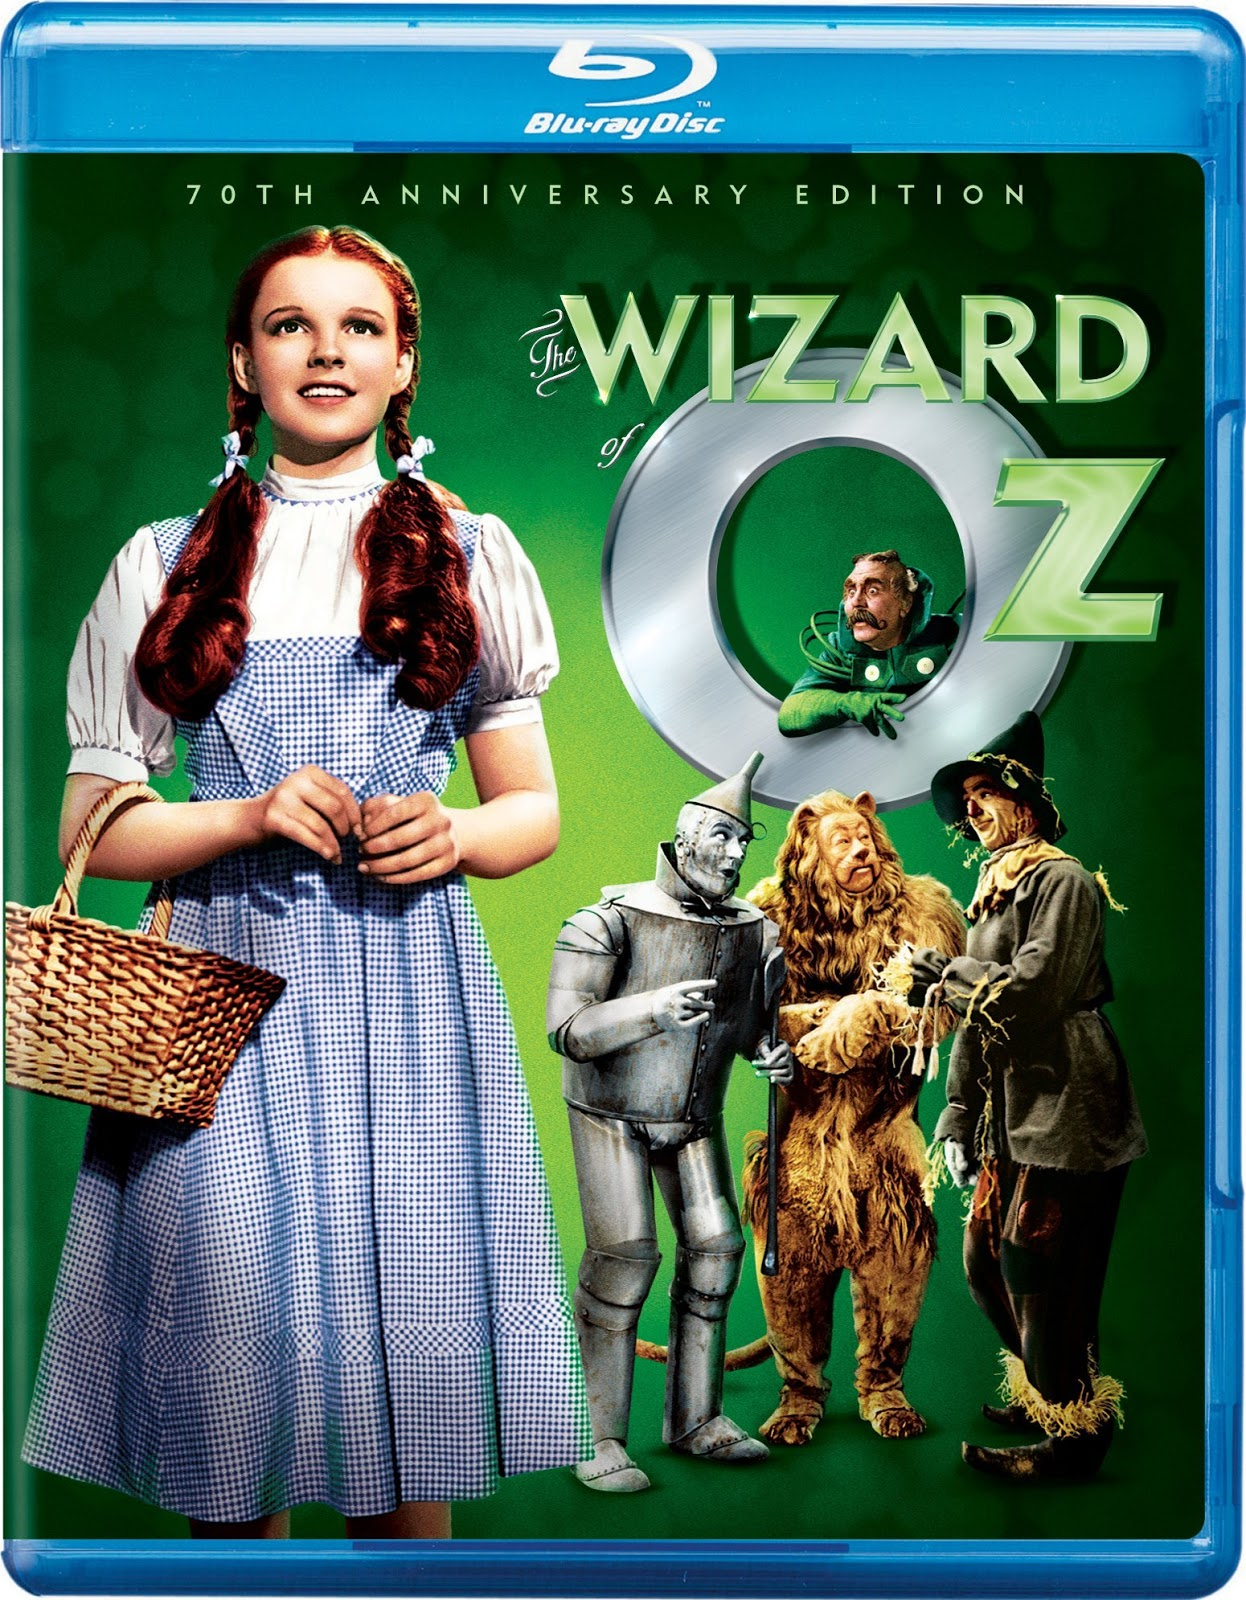 The Wizard of Oz (1939) ταινιες online seires oipeirates greek subs